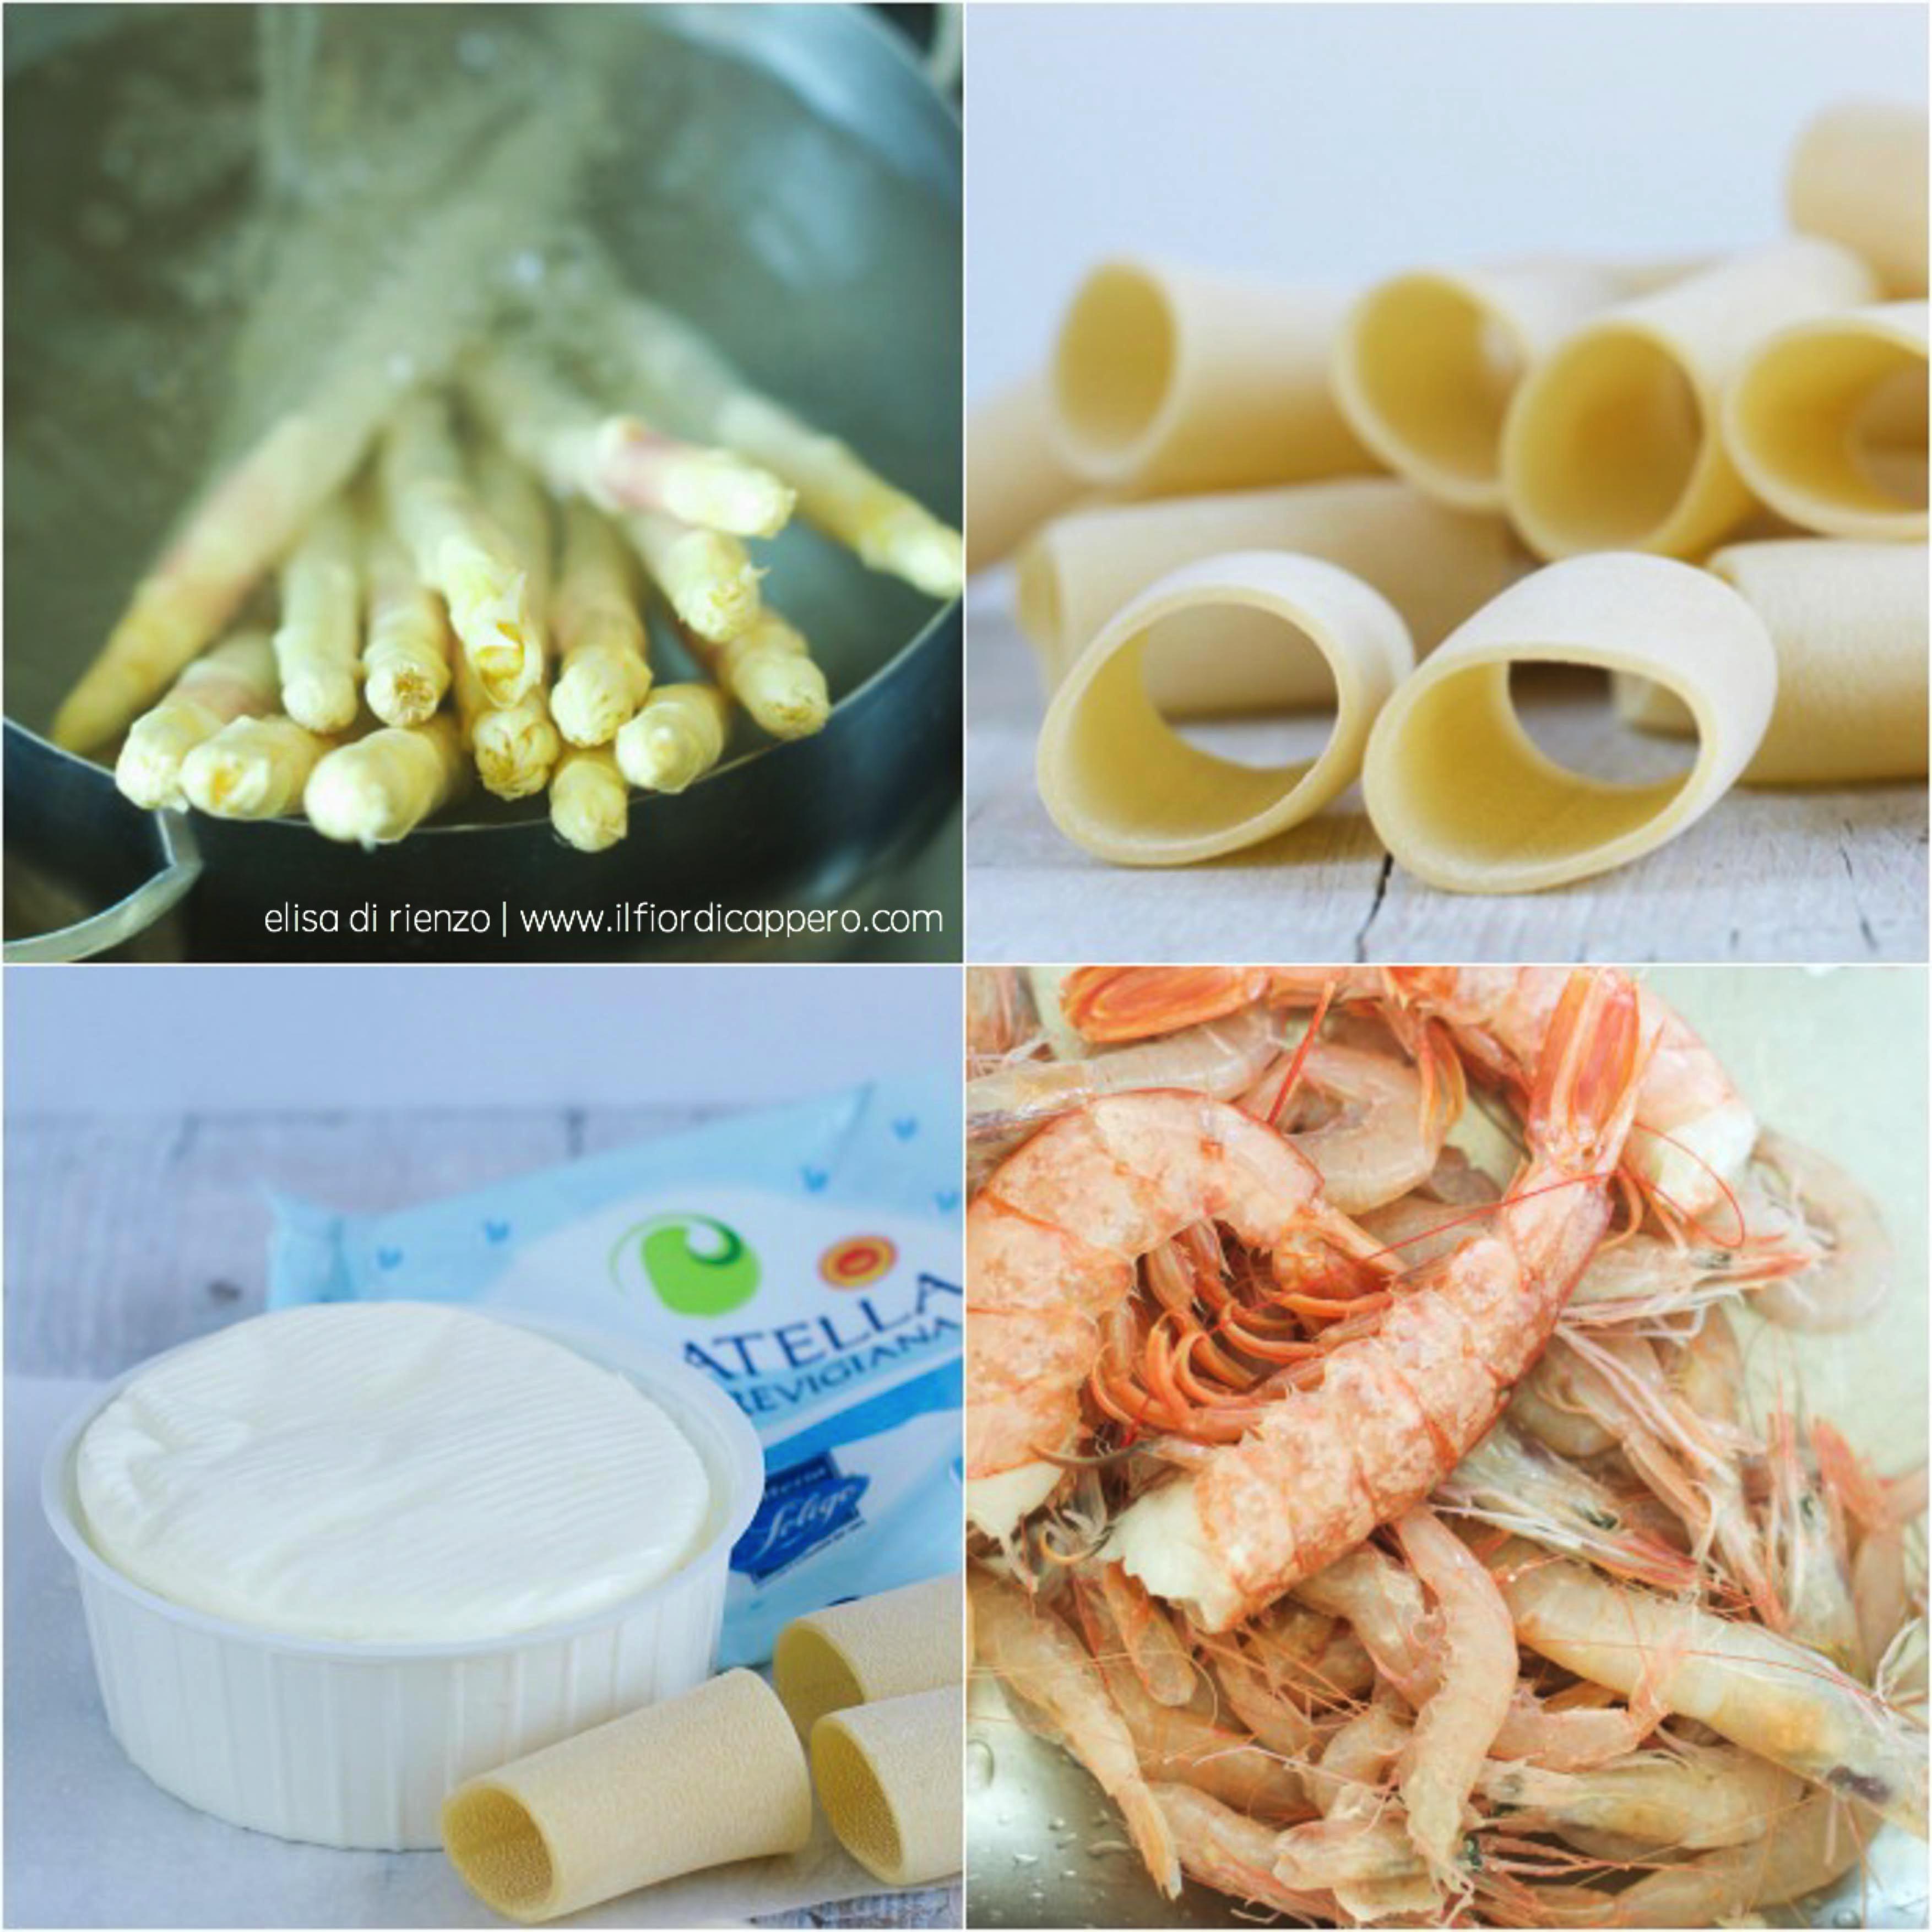 pacchetti, asparagi, casatella e gamberi